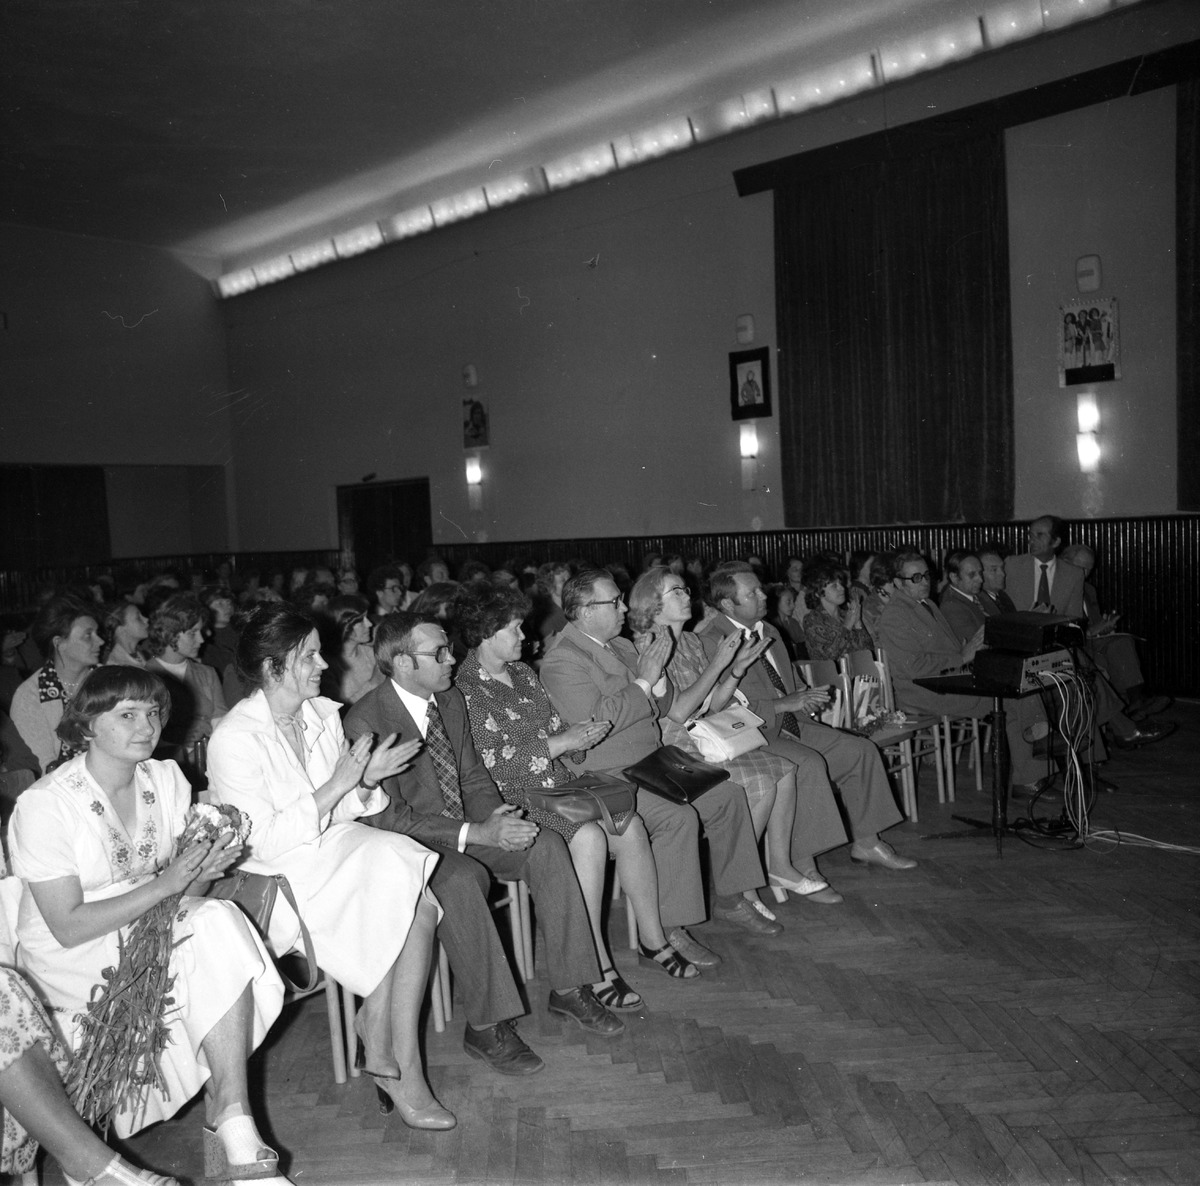 20-lecie Wytwórni Pieczywa Cukierniczego w Giżycku [4]